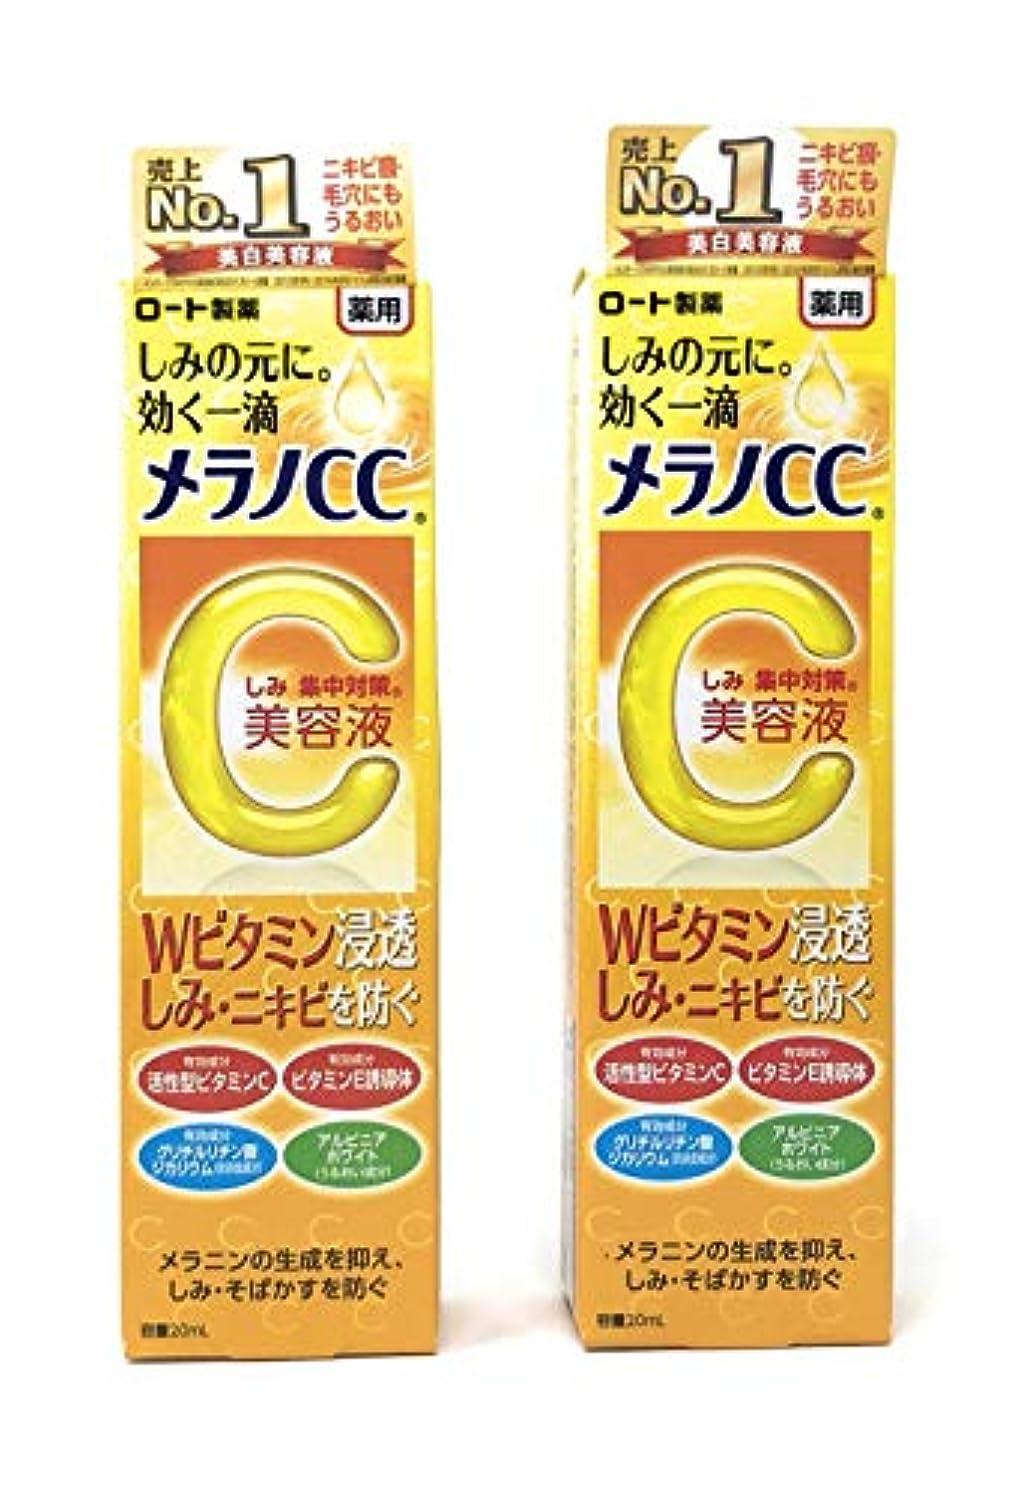 [セット品] メラノCC 薬用 しみ?にきび 集中対策 Wビタミン美容液 20ml × 2箱 と SHOWルイボスティー1袋